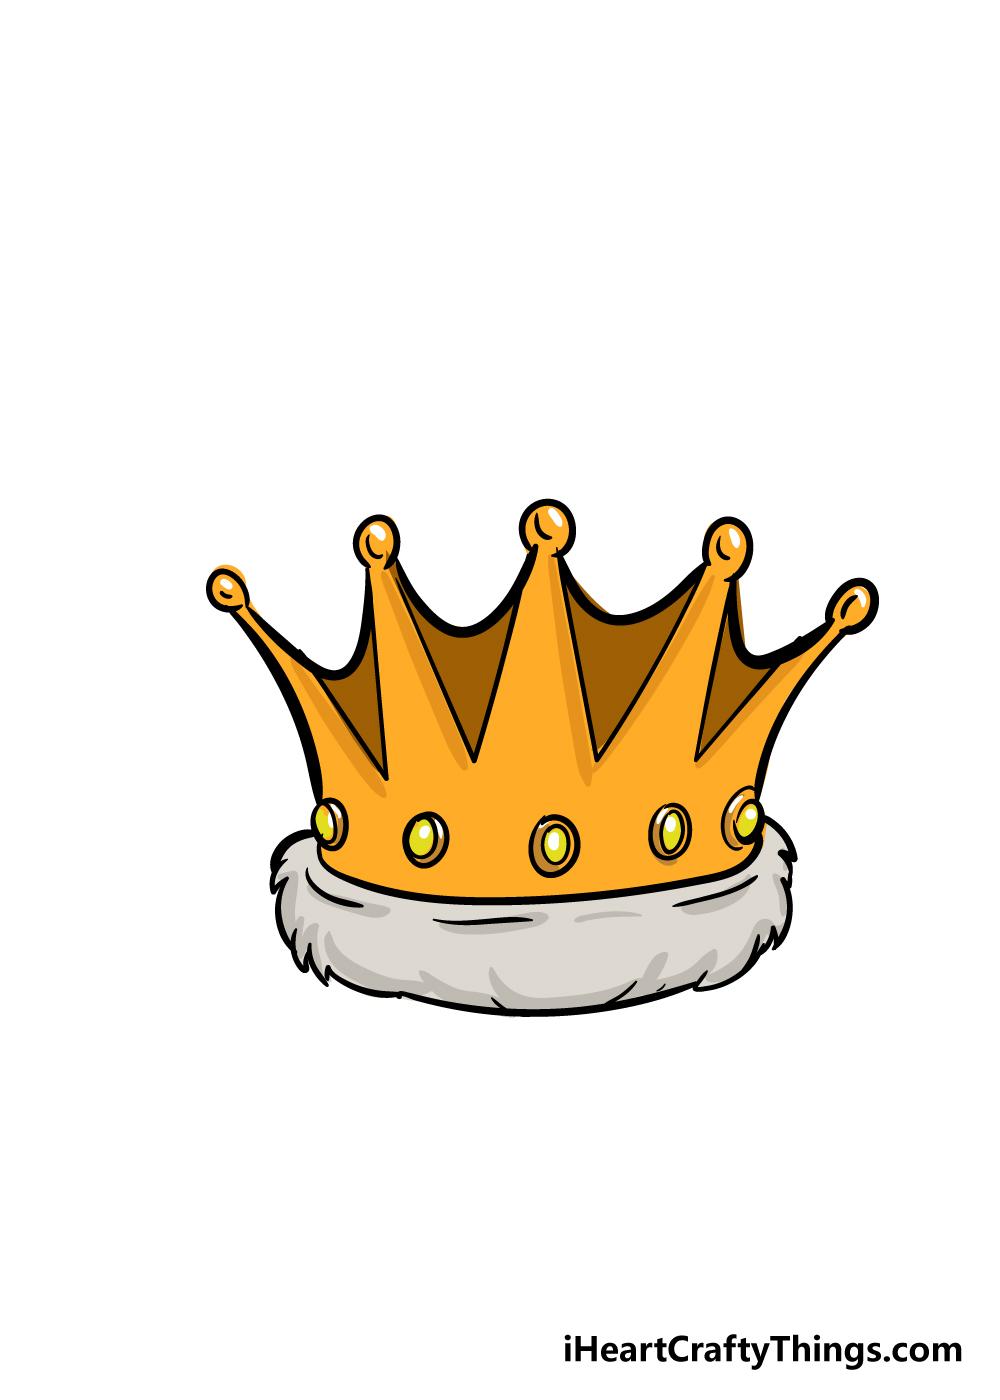 crown drawing step 7